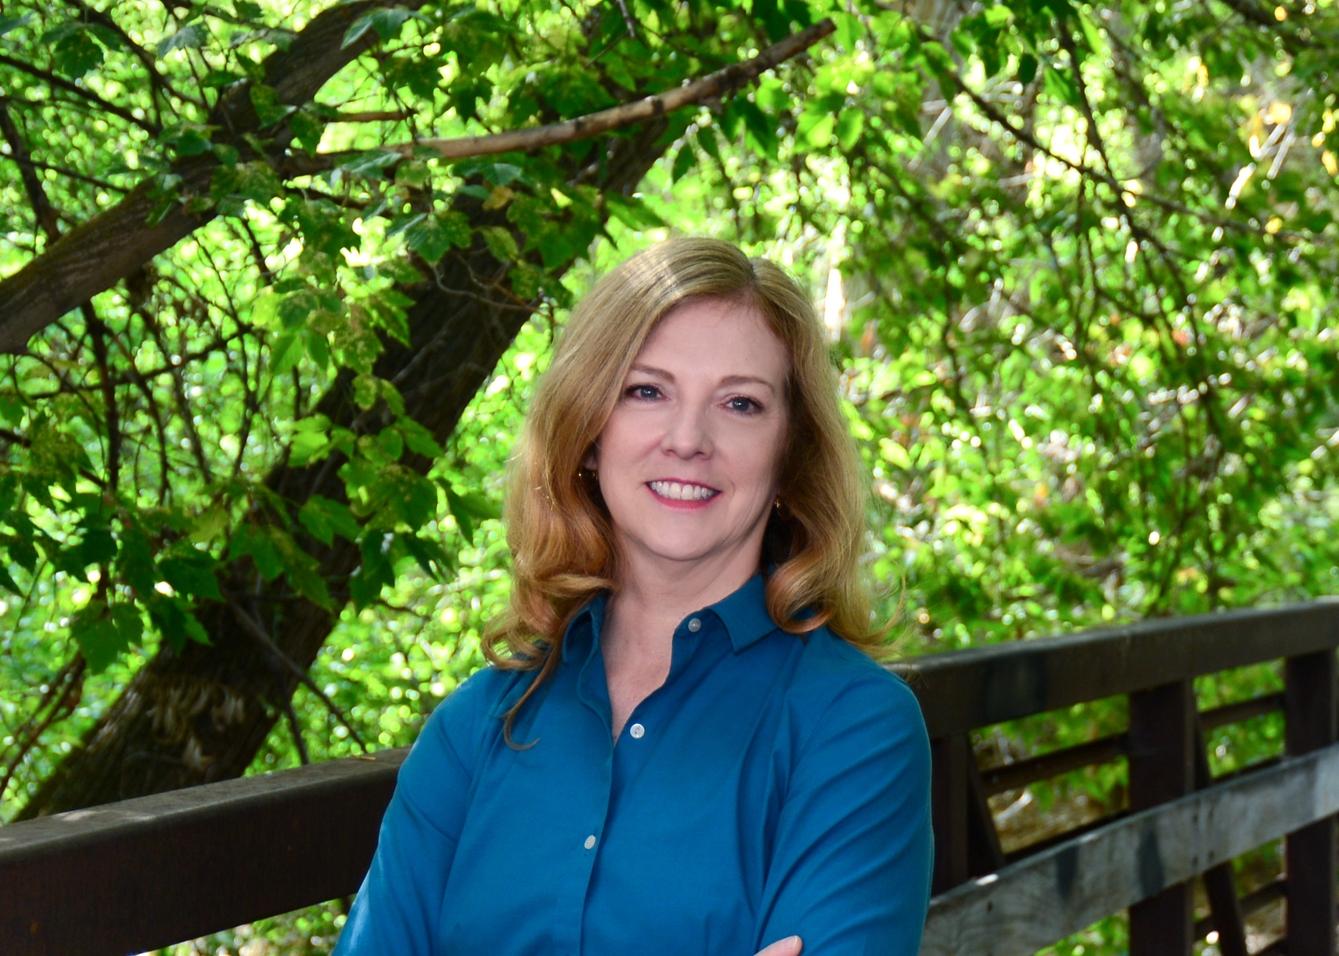 Beth Strathman, coach